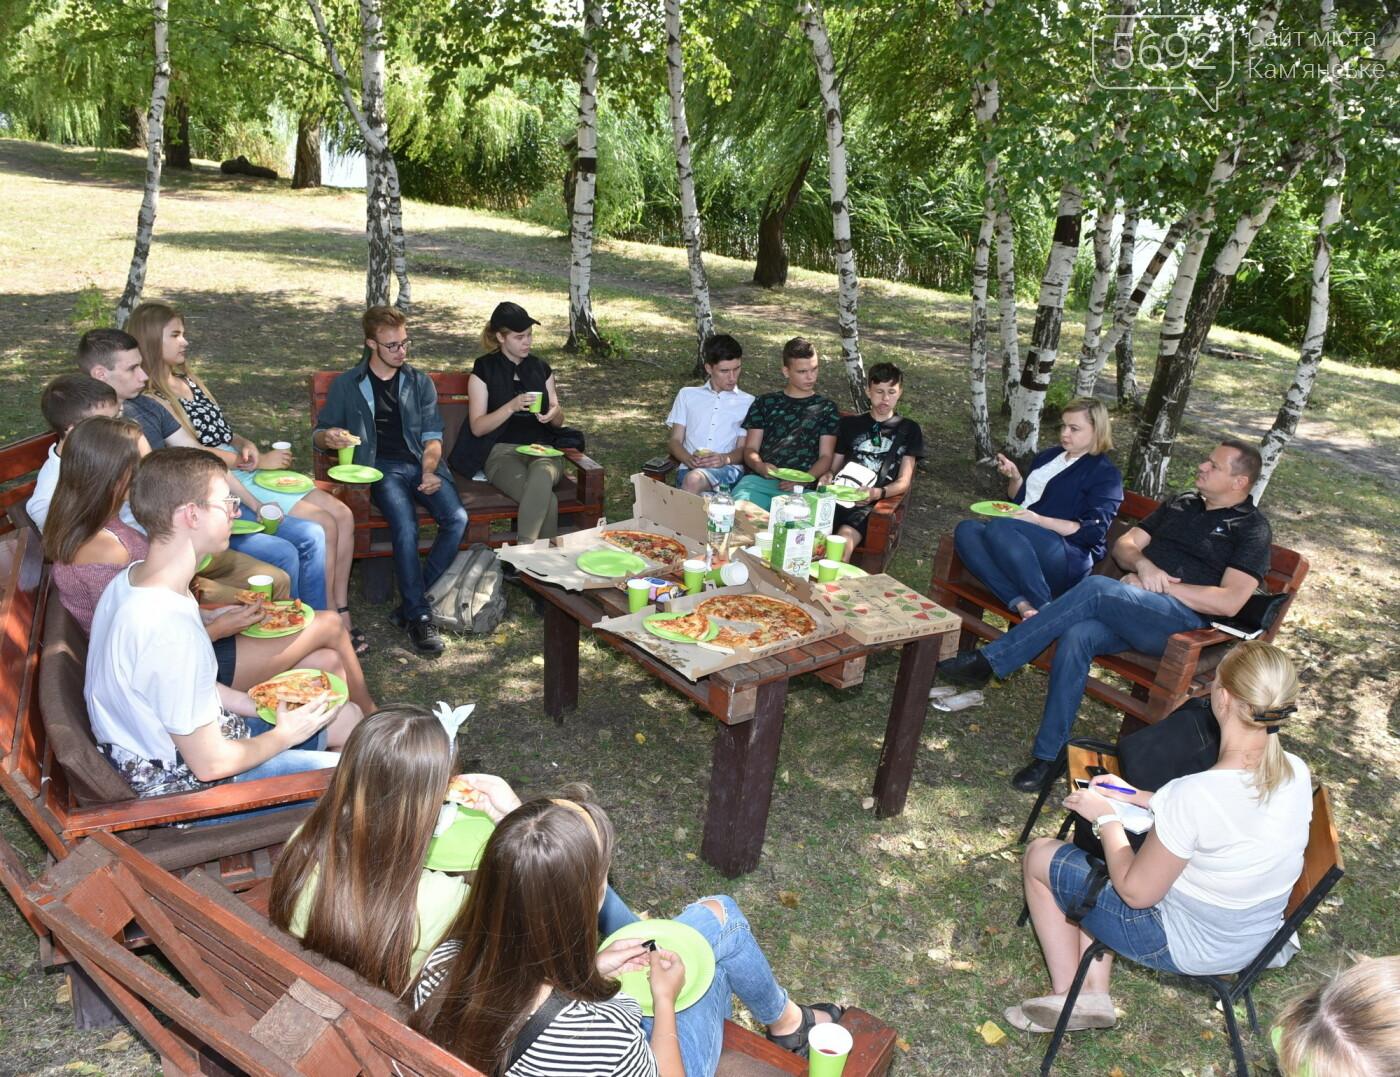 Анна Личман: Молодежь Каменского готова вести дискуссию по важным темам на высоком уровне, фото-4